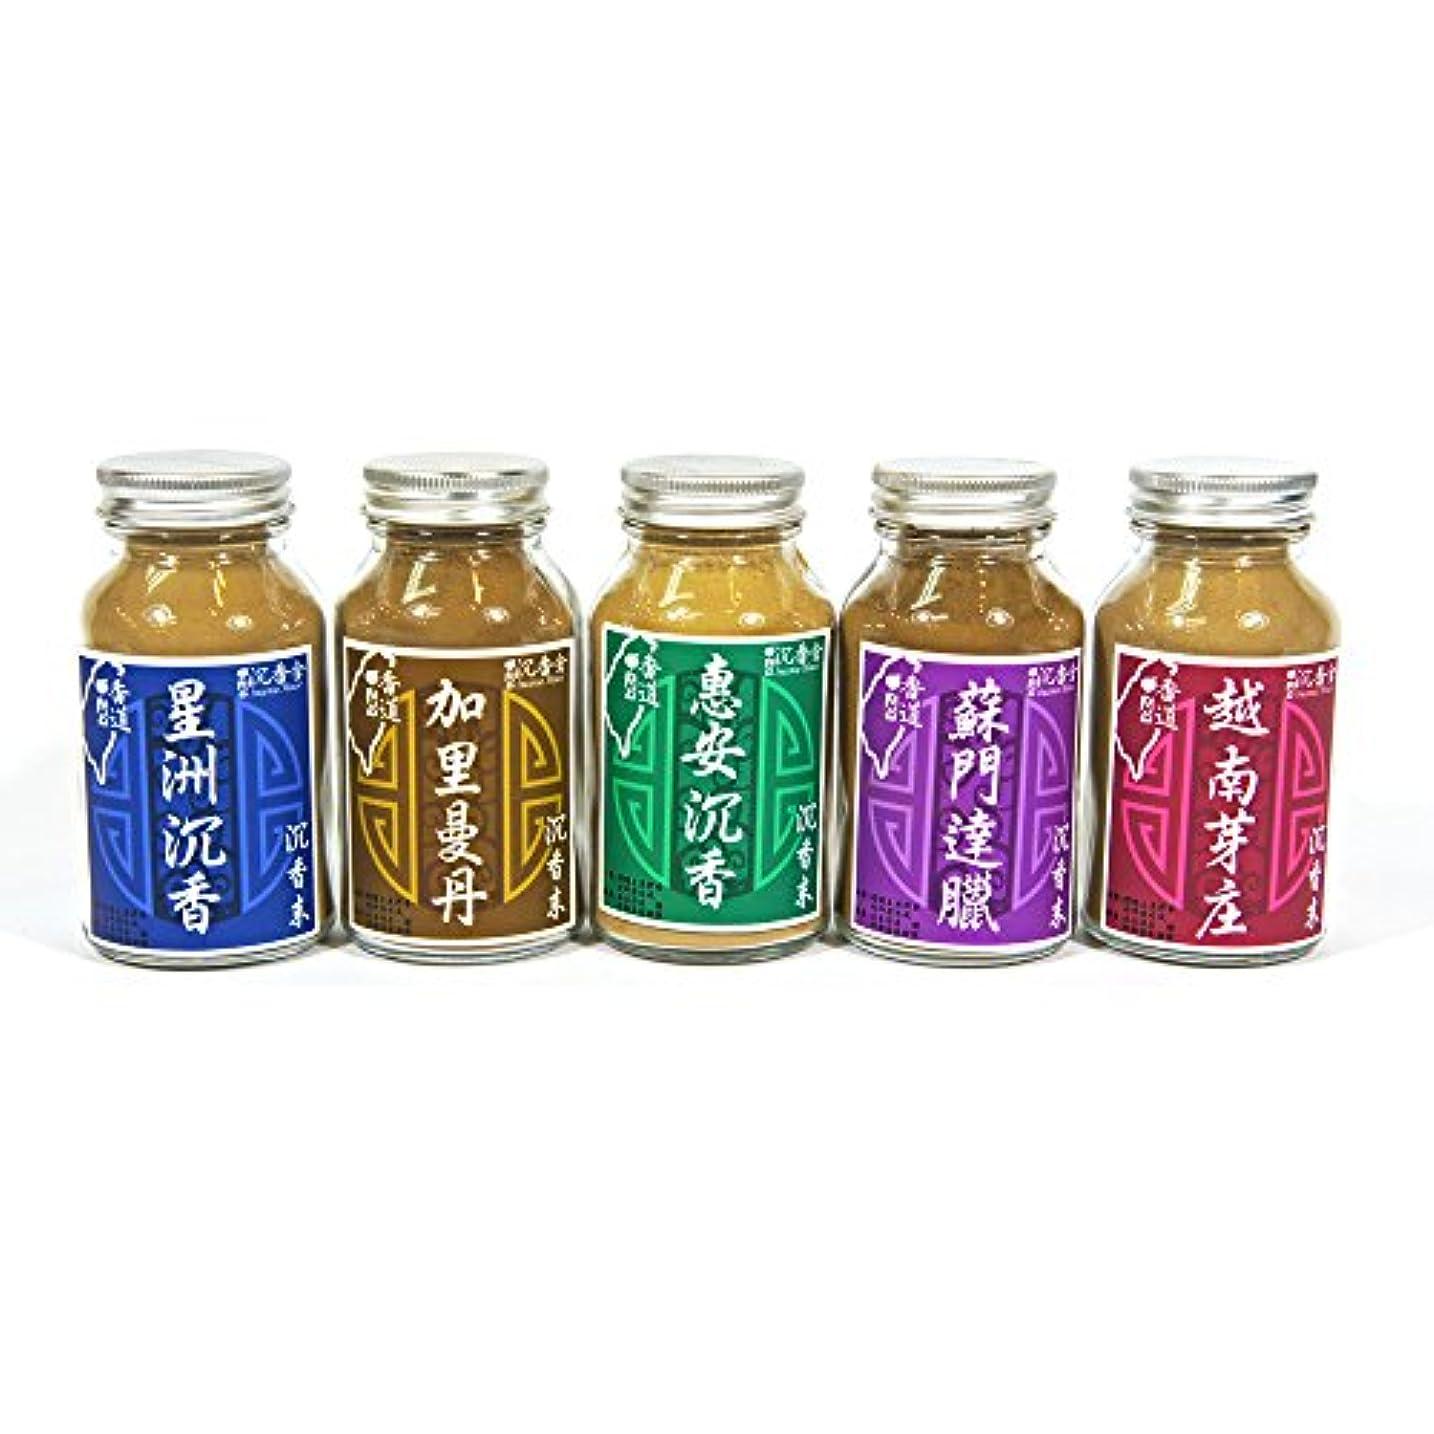 パントリーカレンダーヒロイック台湾沉香舍 お香原料 高級品 5グレード沈香粉末 セット (5沈香)  各1本 : 50g